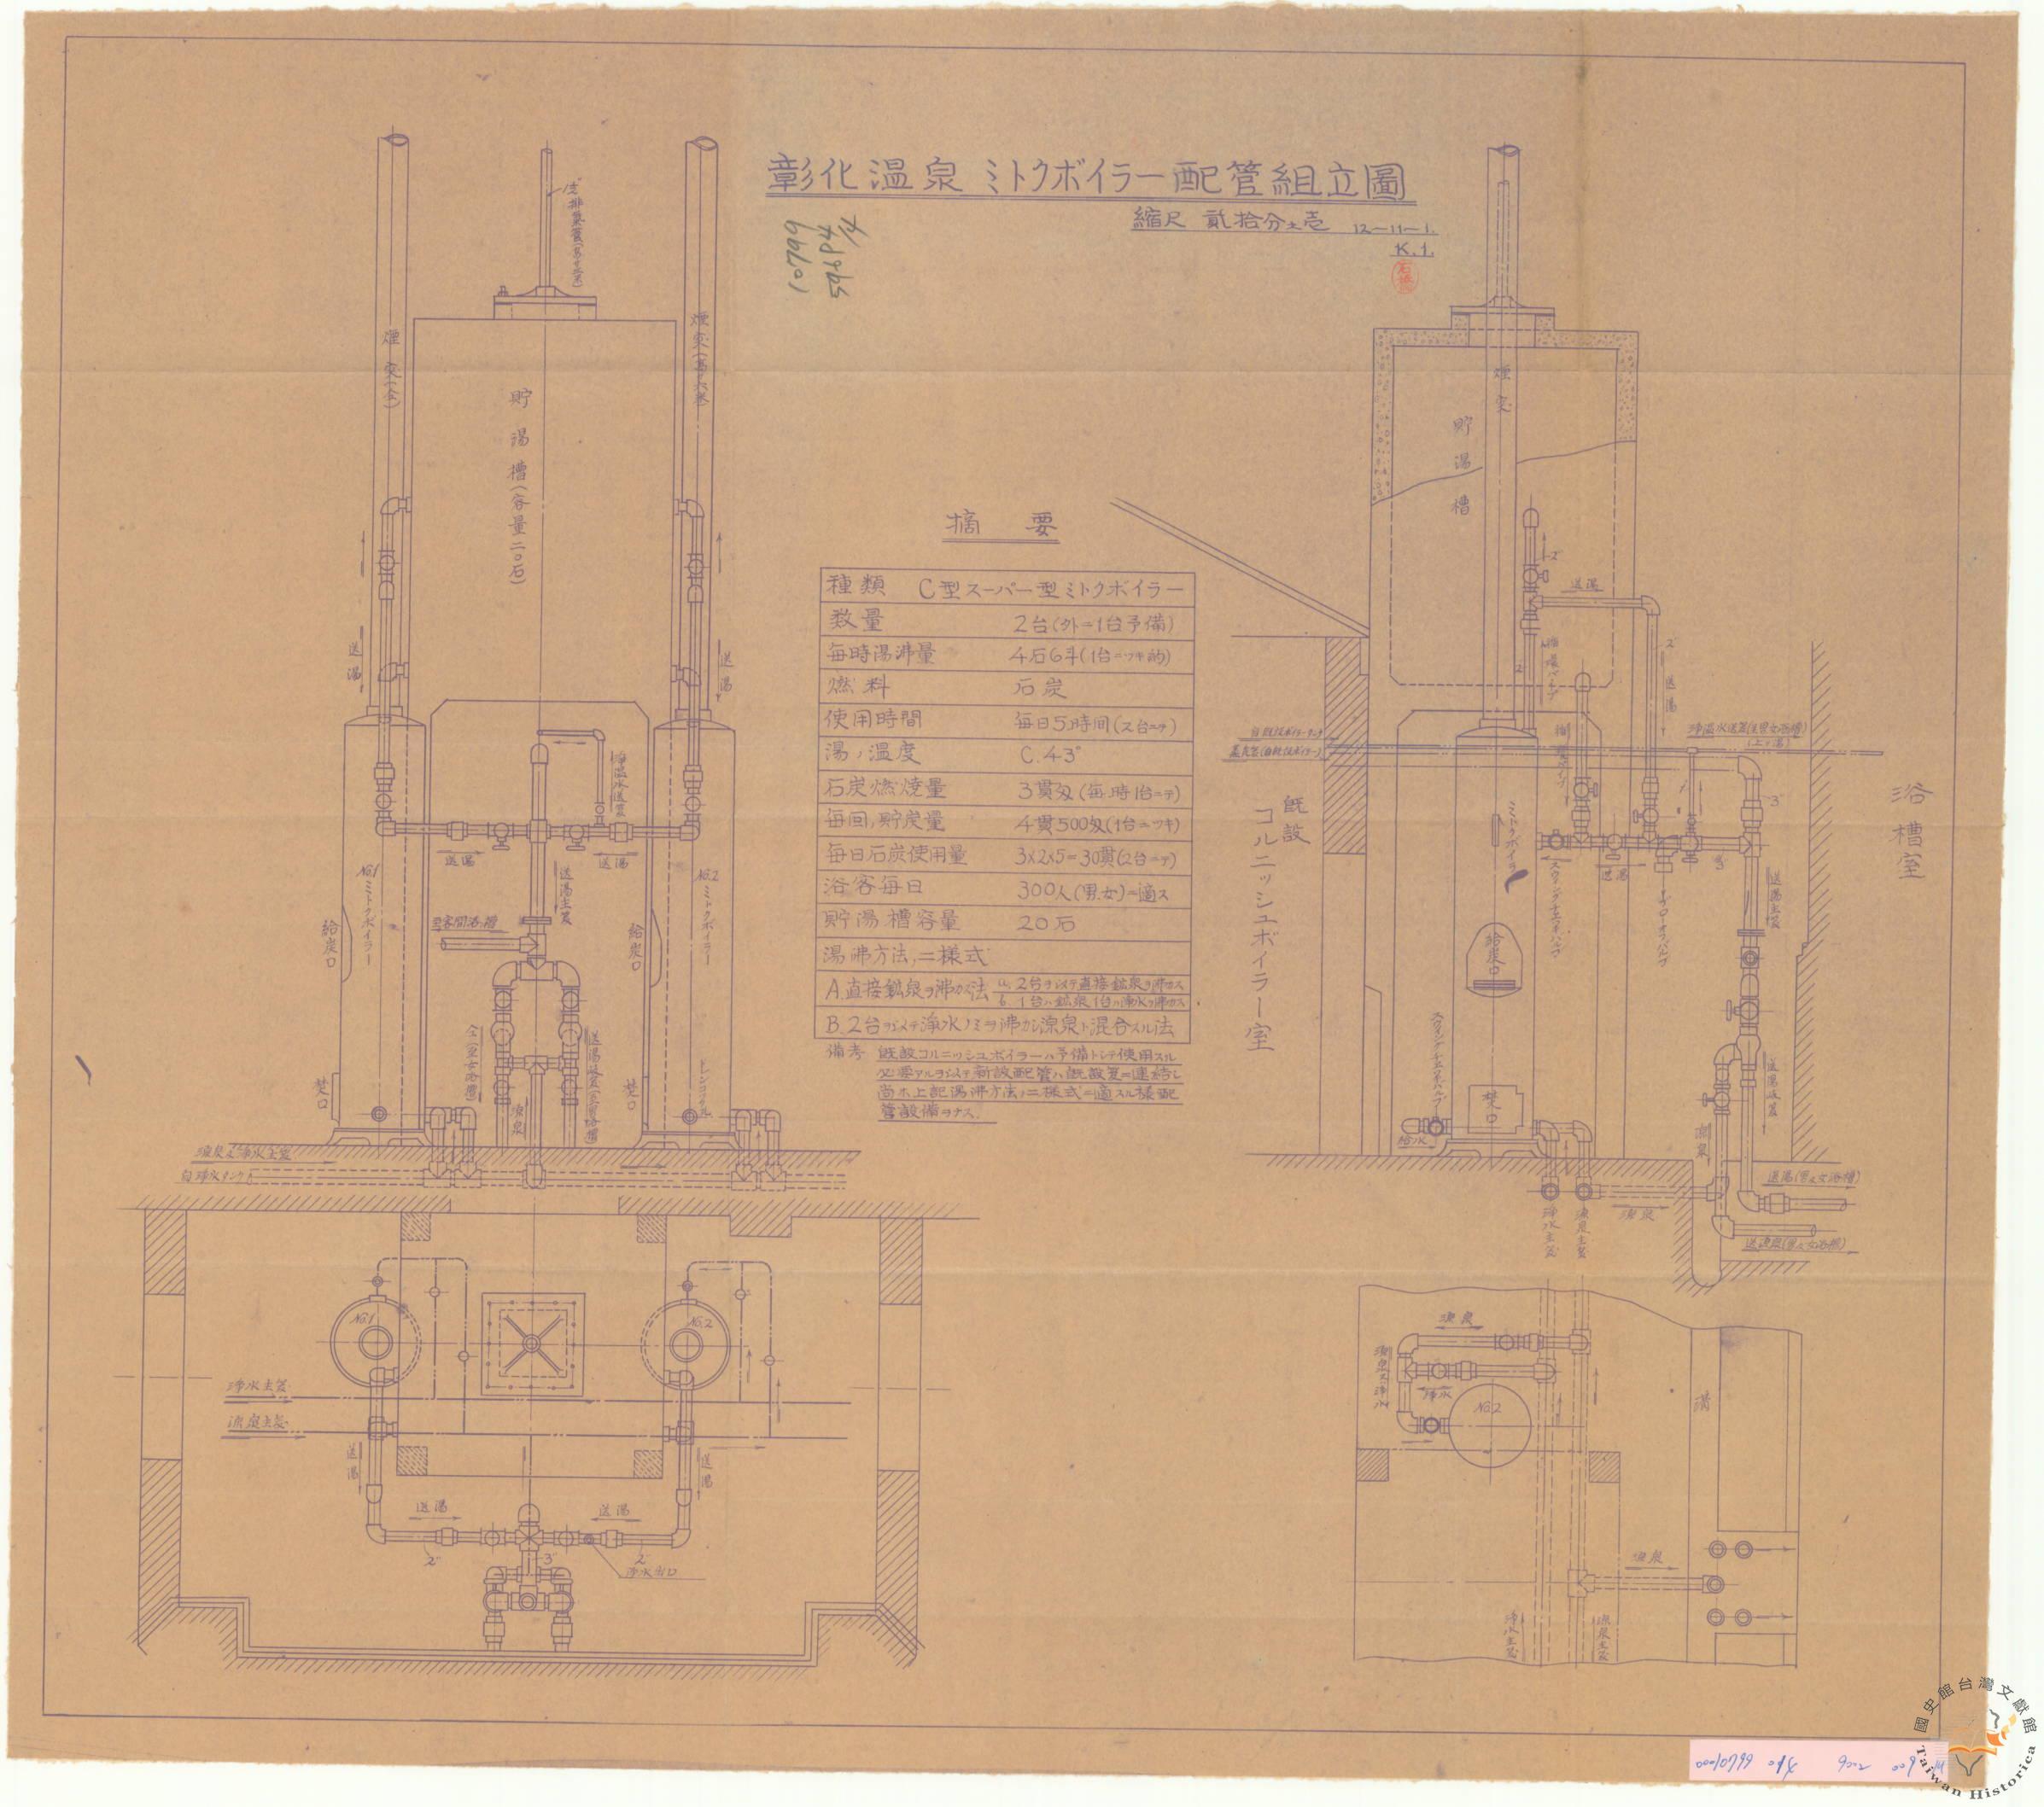 圖六:彰化溫泉蒸氣罐配管組立圖(資料來源:臺灣總督府檔案000107990149002009M)